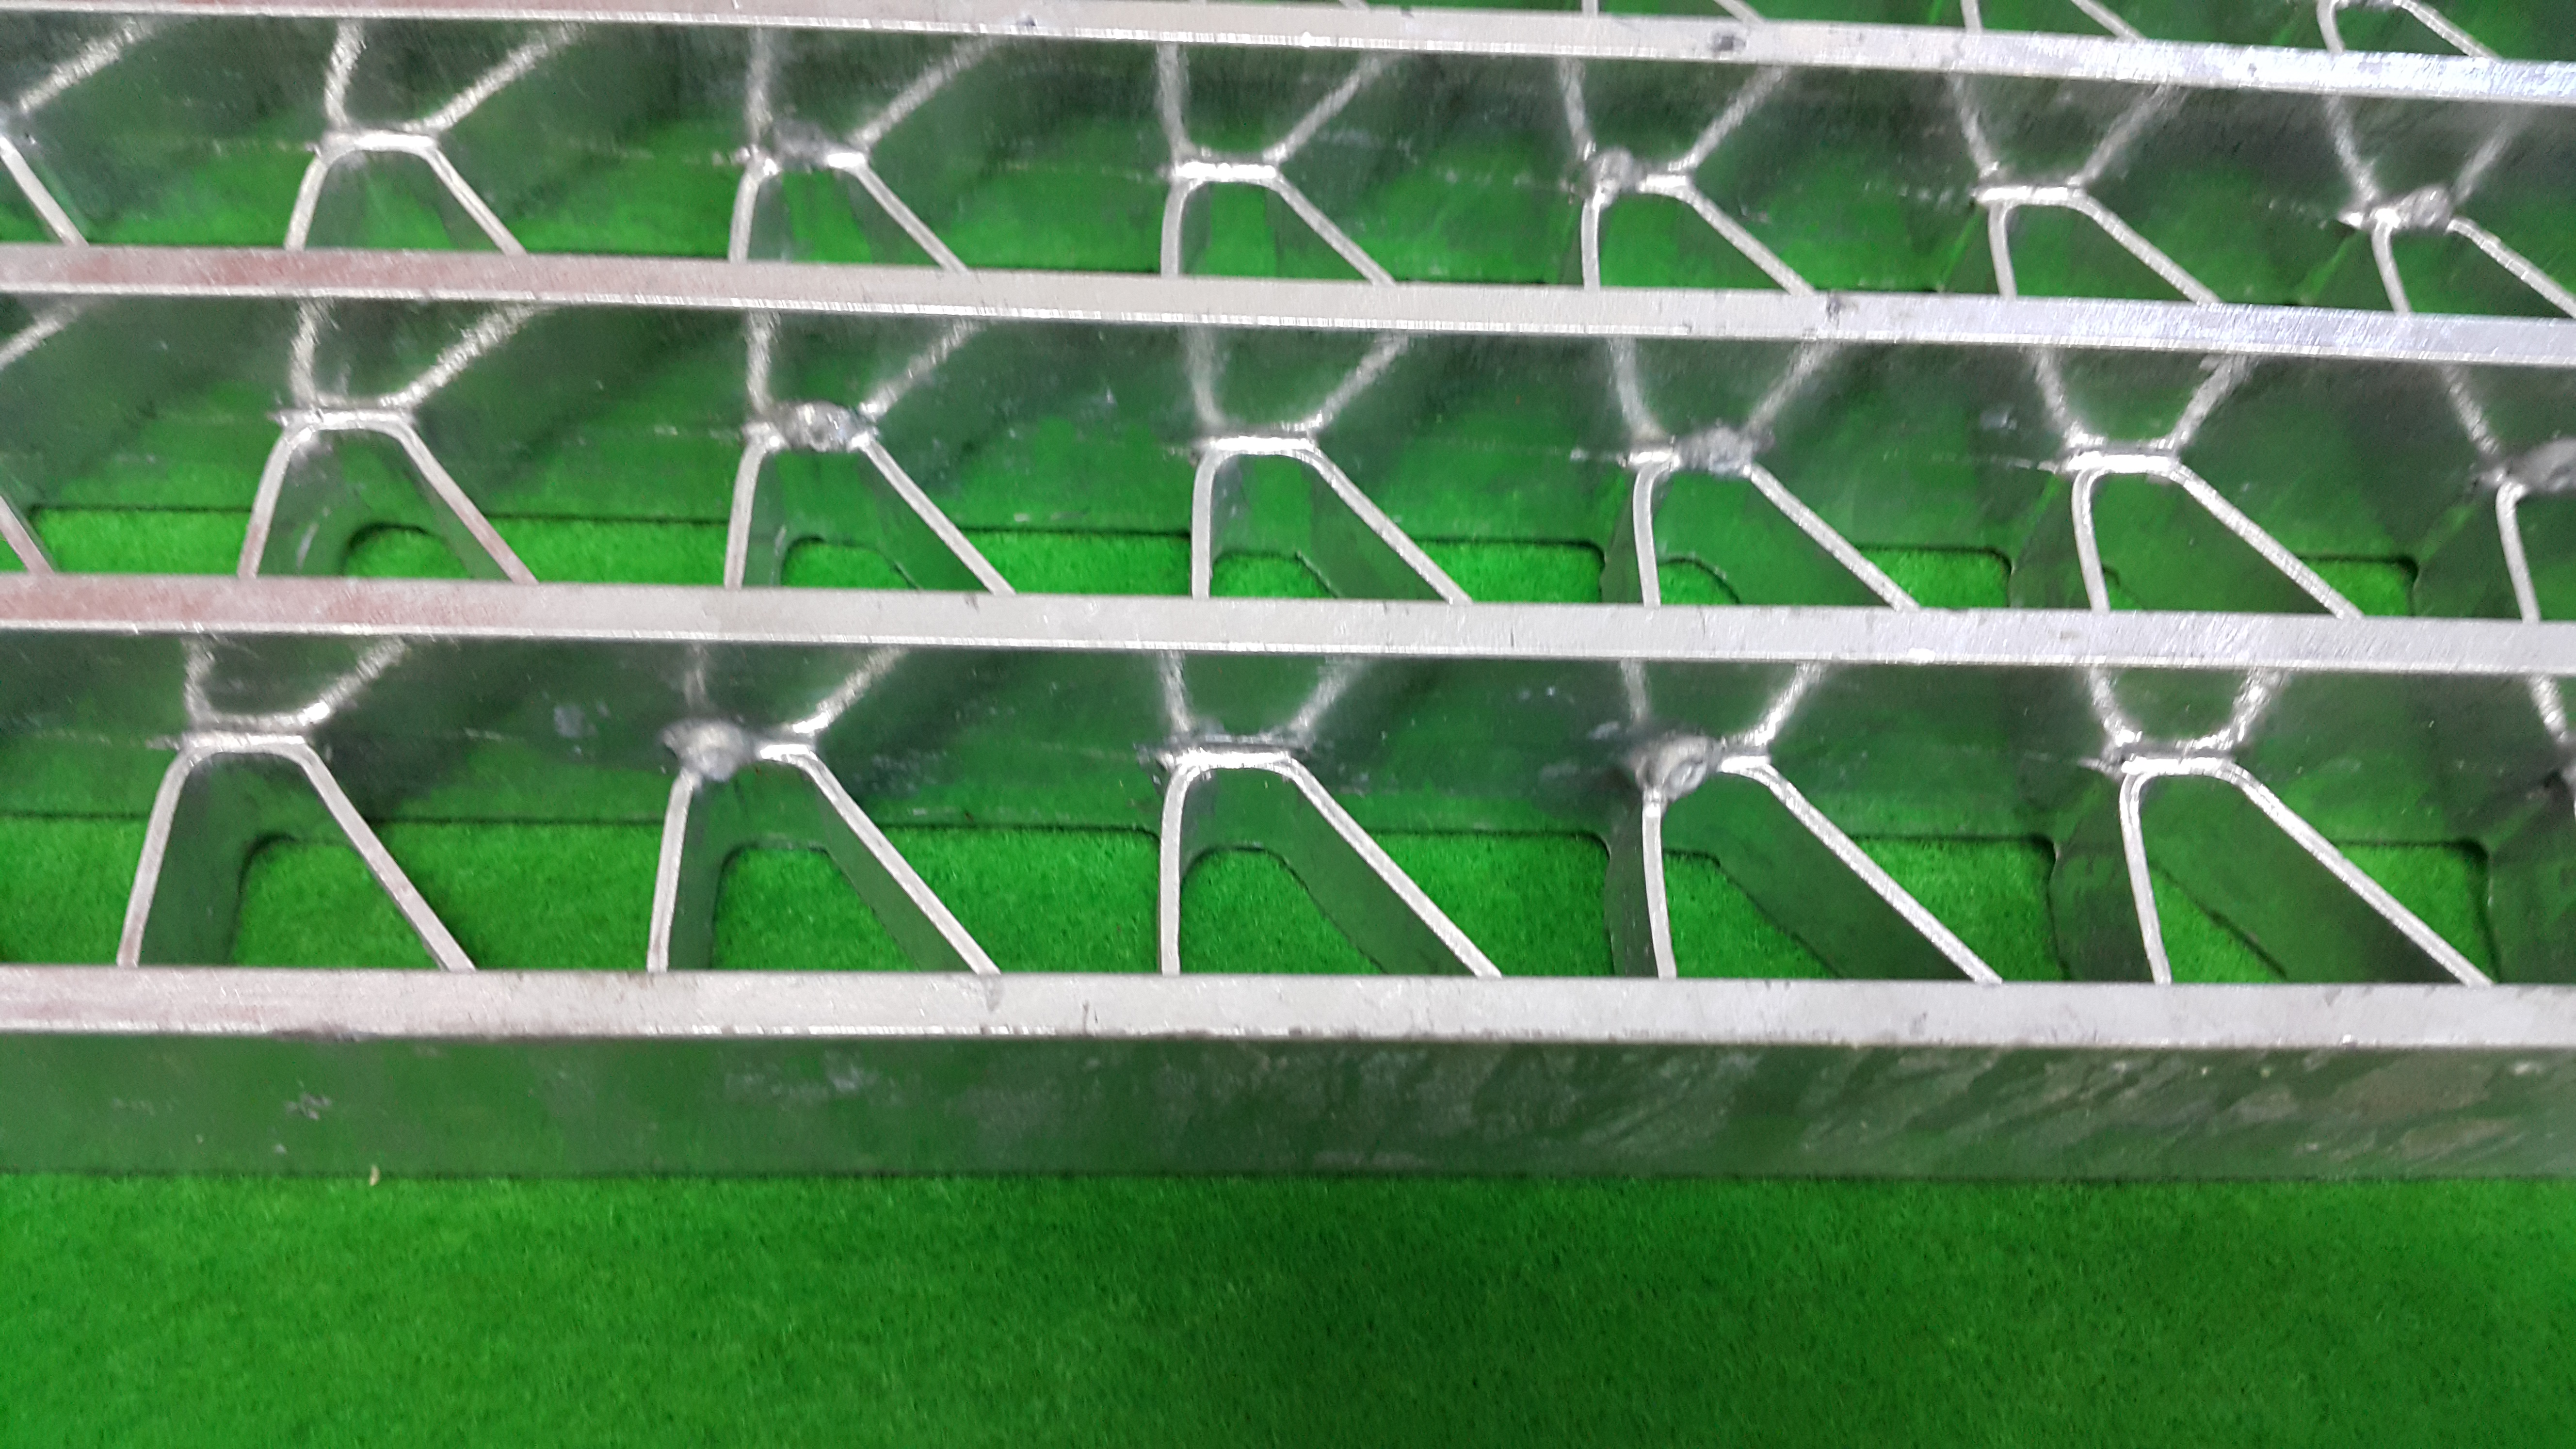 신한울 1.2호기에 납품된 바닥판(그레이팅), 하나 건너 하나씩만 용접이 되어 있다